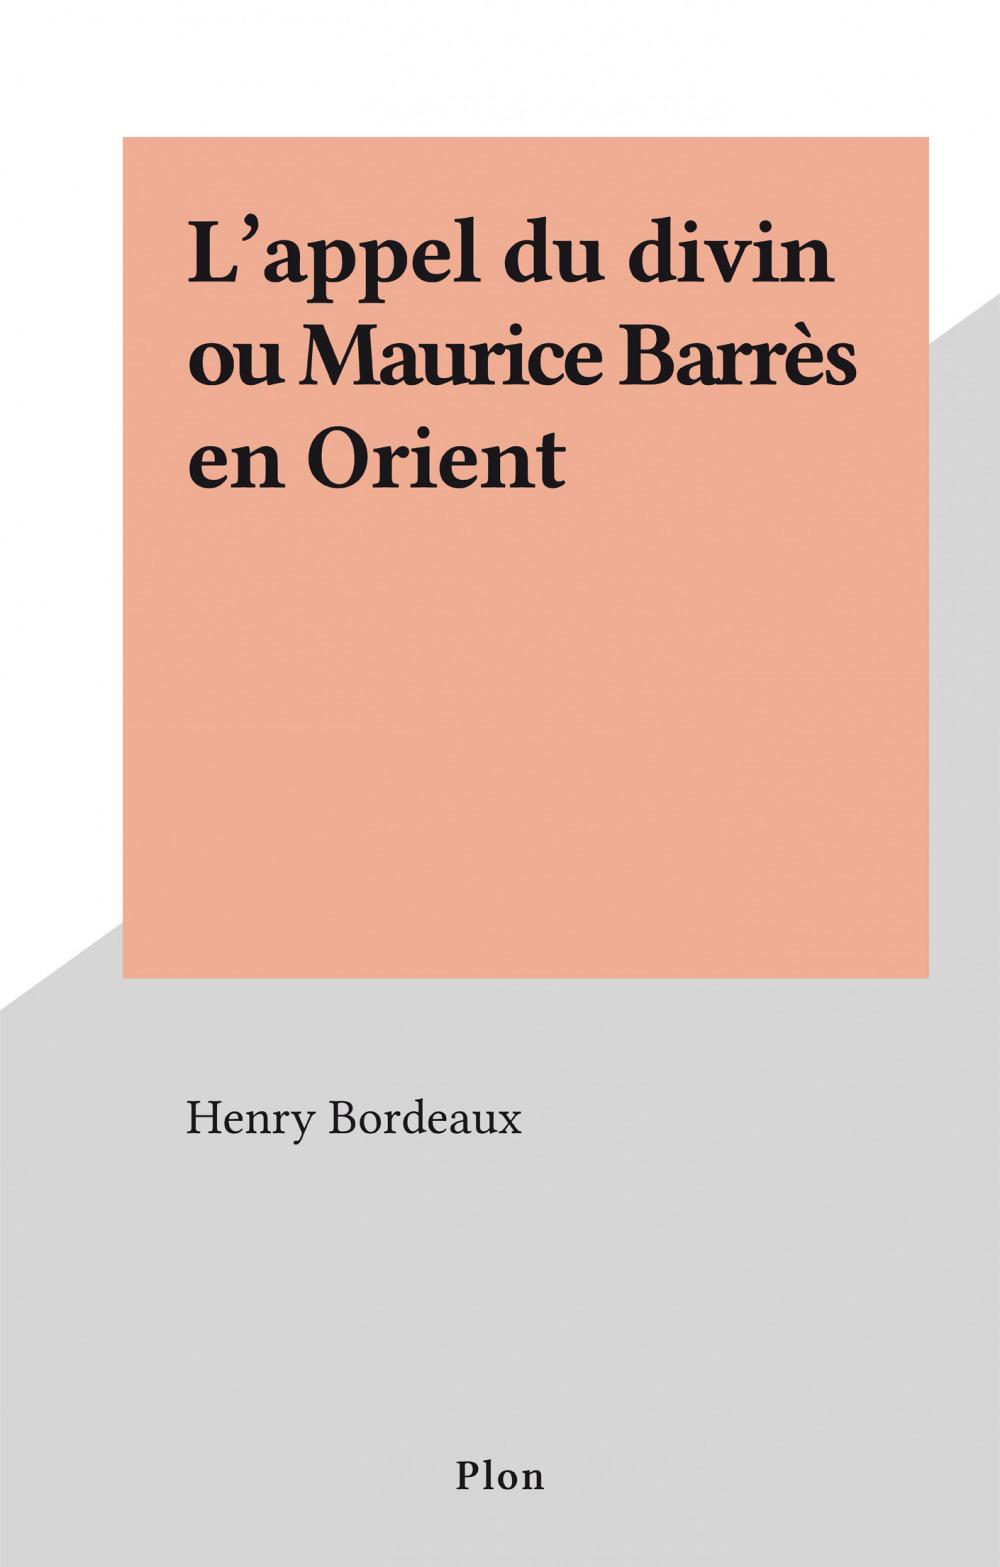 L'appel du divin ou Maurice Barrès en Orient